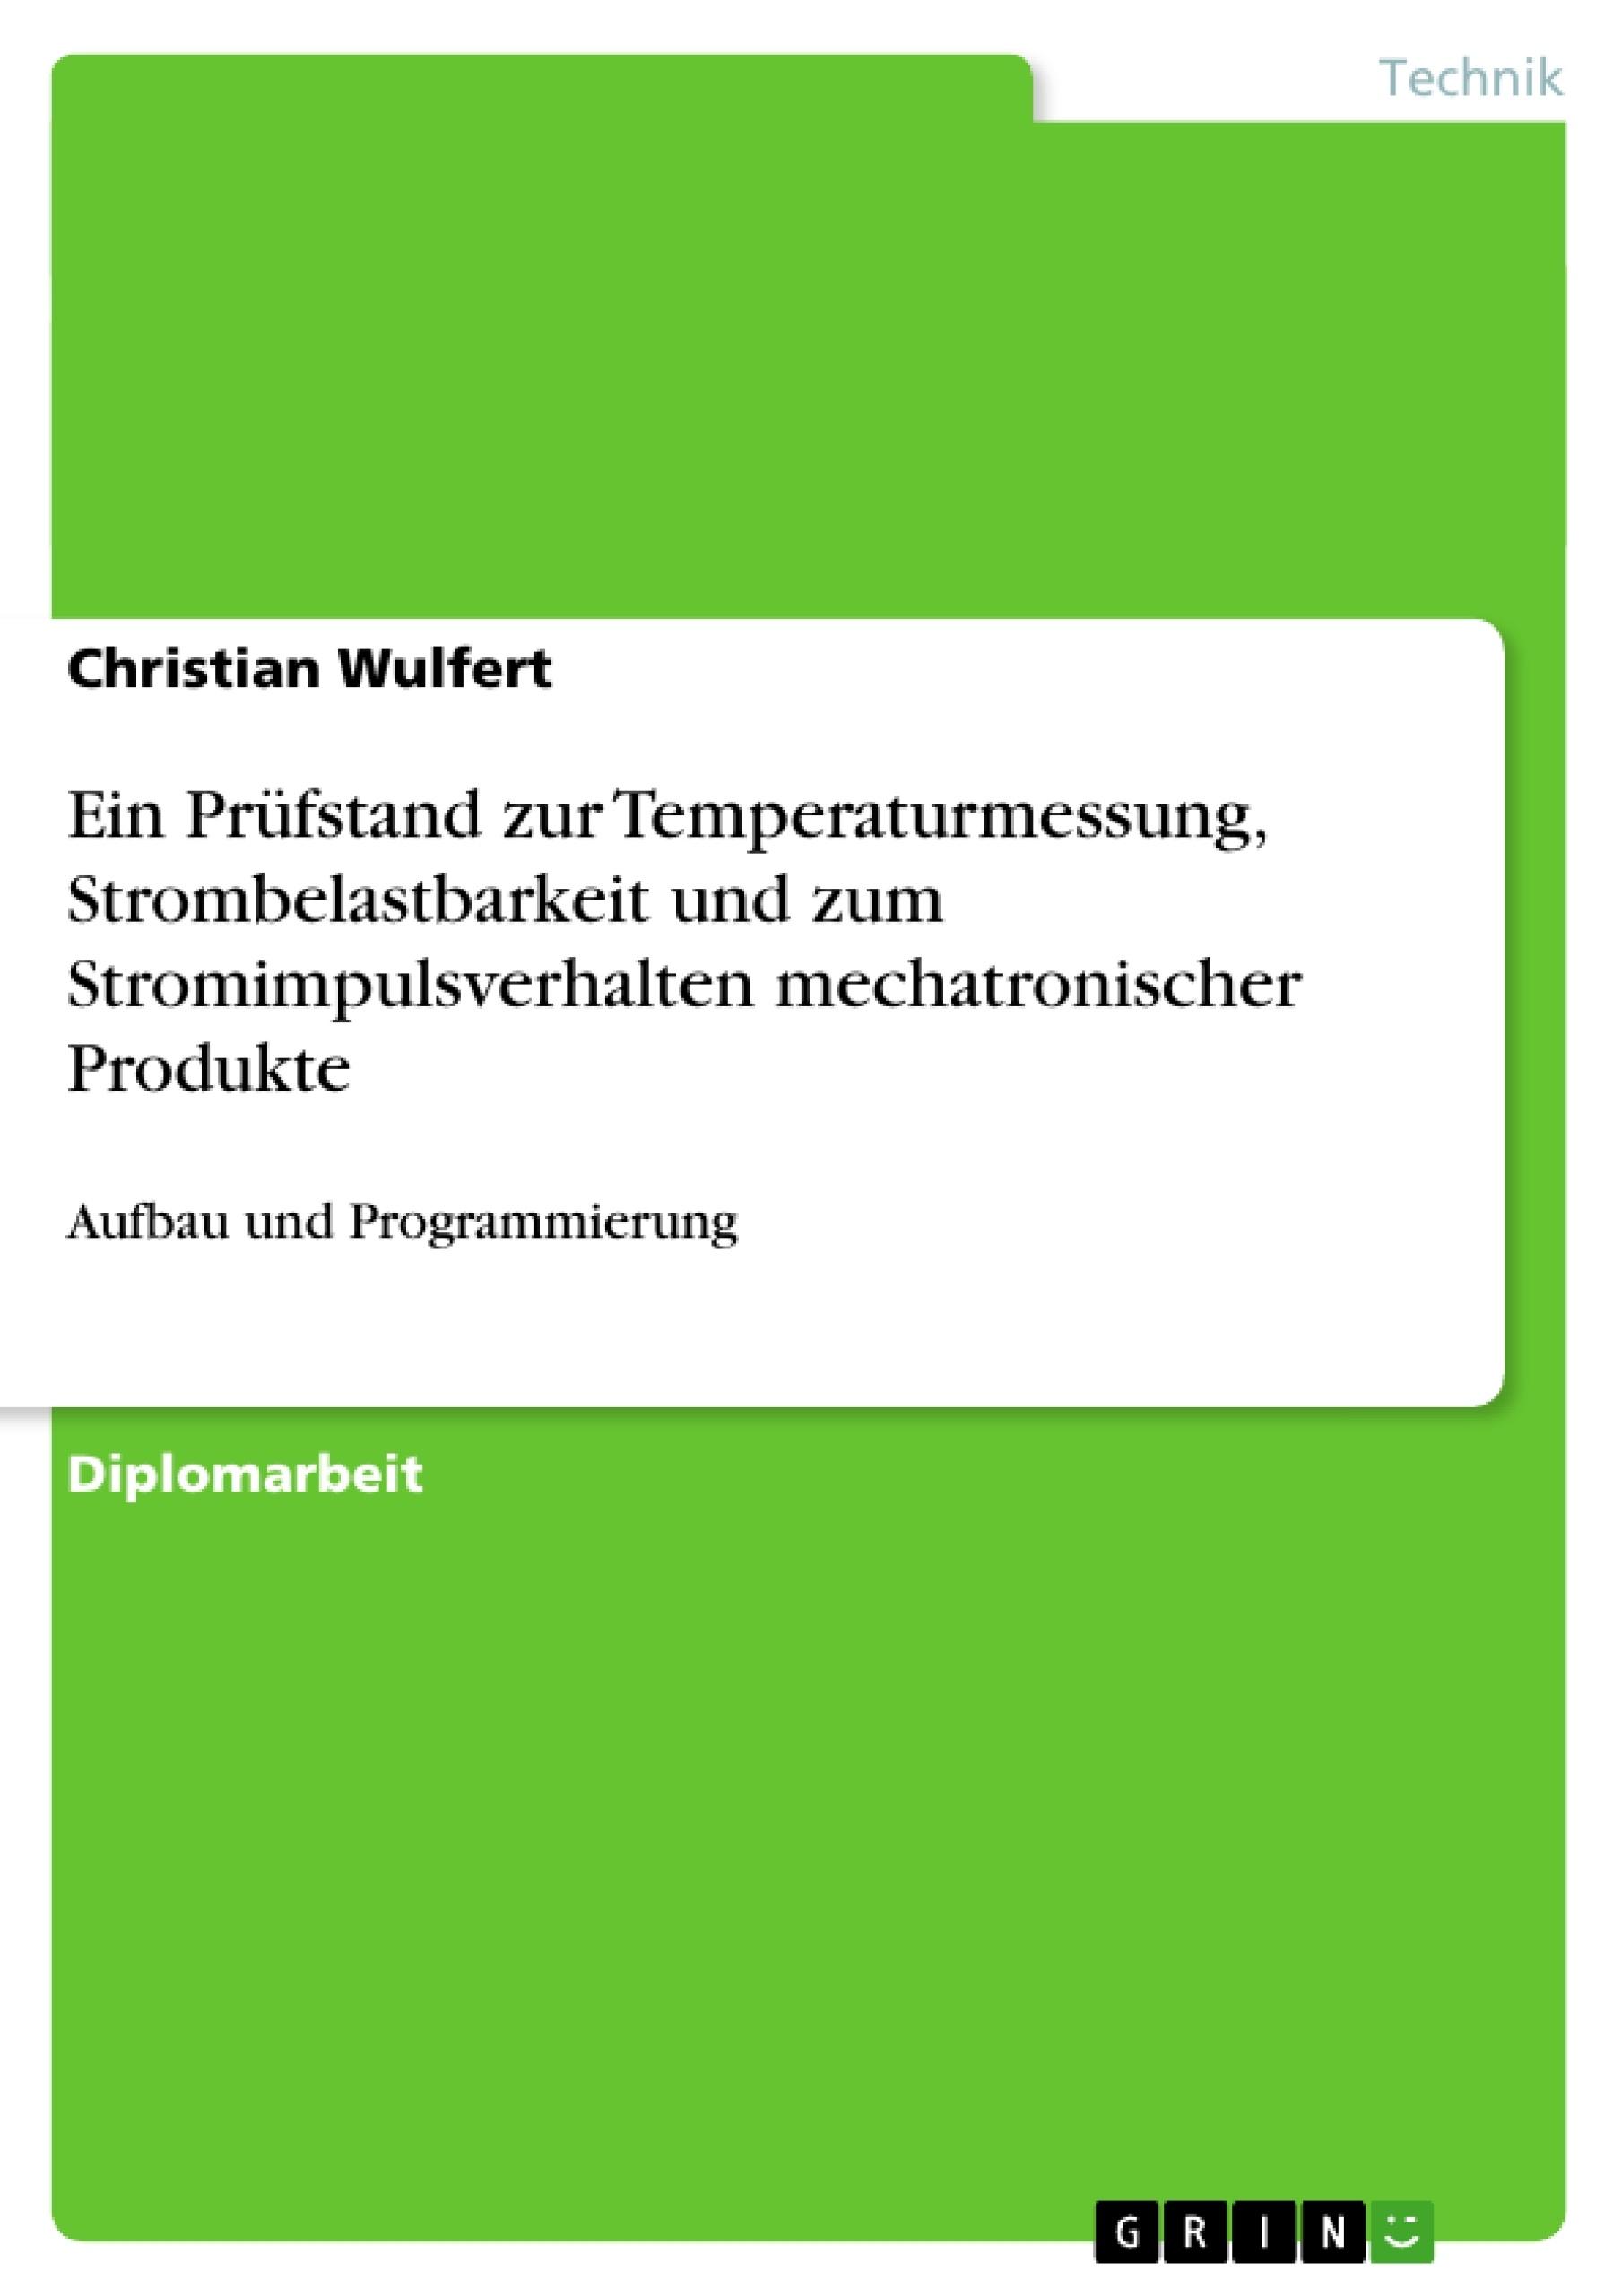 Atemberaubend Strombelastbarkeit Ideen - Der Schaltplan - triangre.info